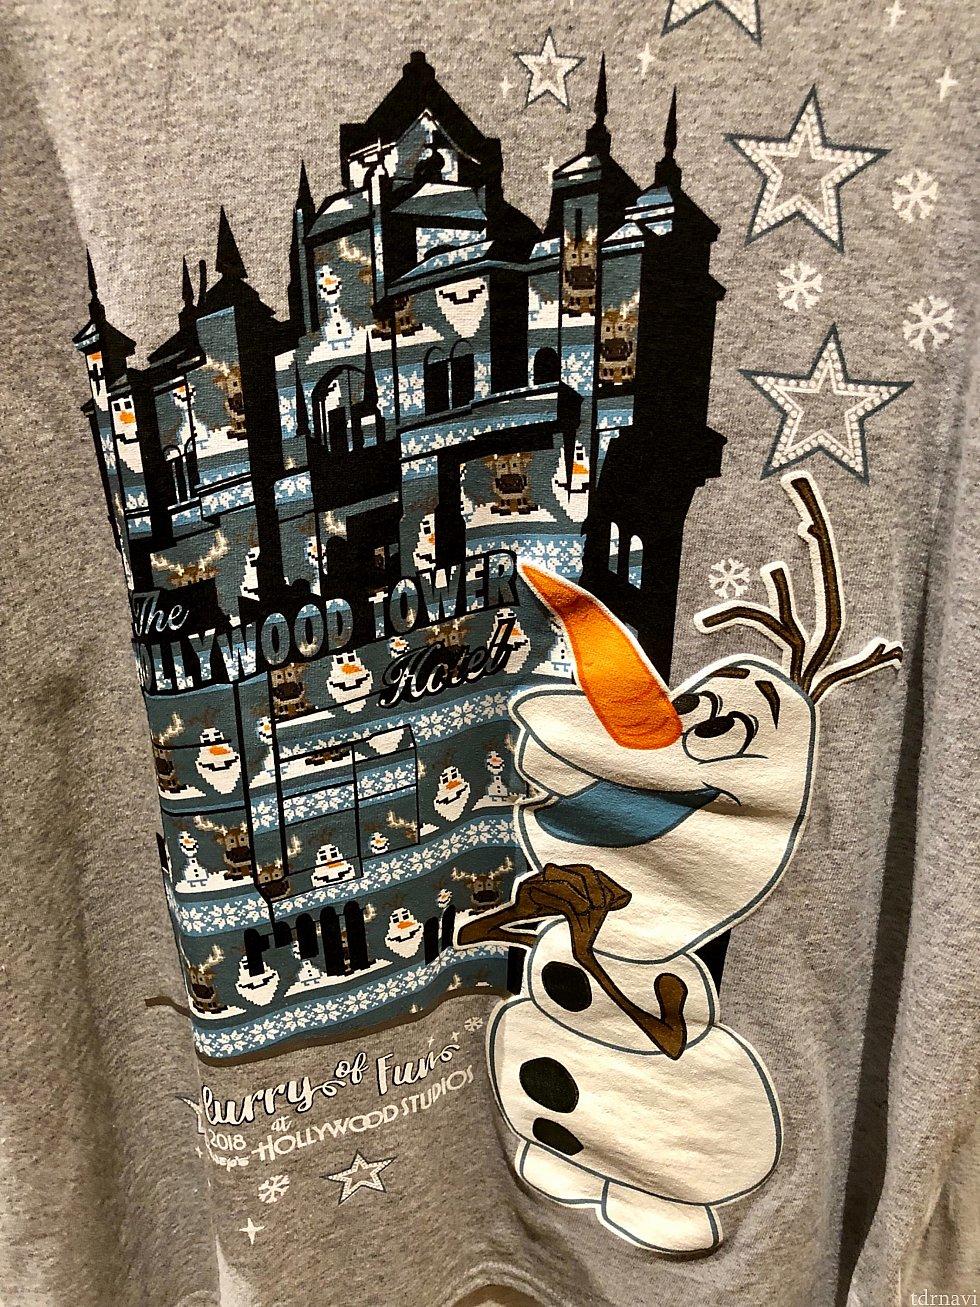 オラフ柄のホリデーTシャツも。タワーオブテラーがオラフ一色にもなったりします。